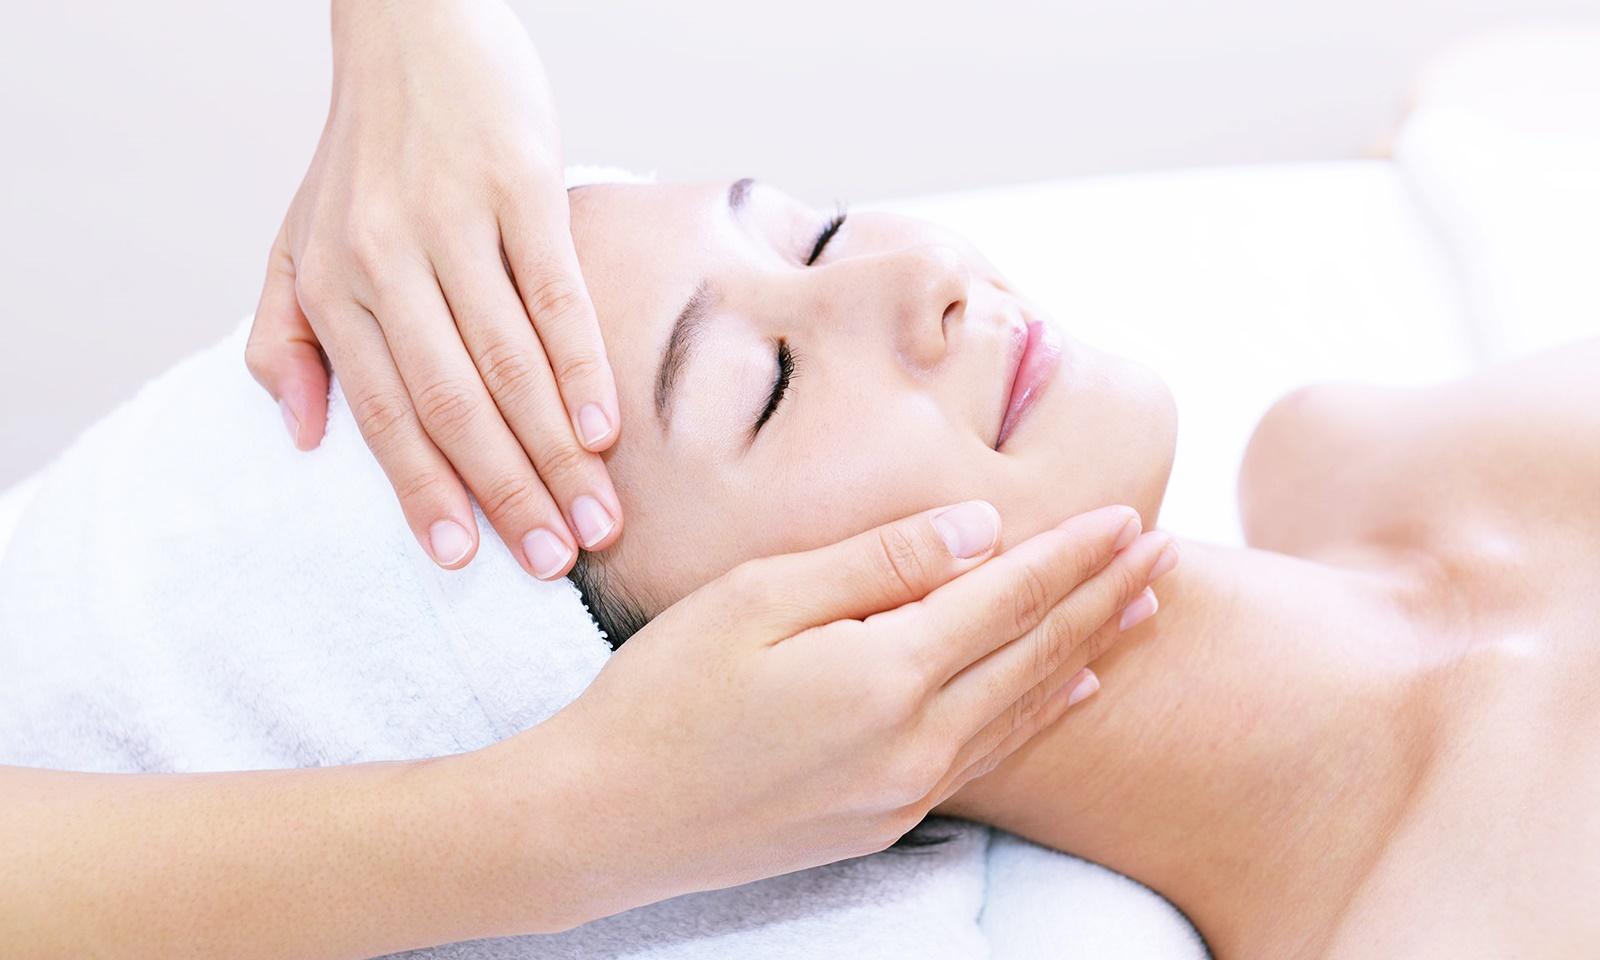 Botox xưa rồi, giờ phái đẹp chăm da bằng những liệu pháp này cơ!